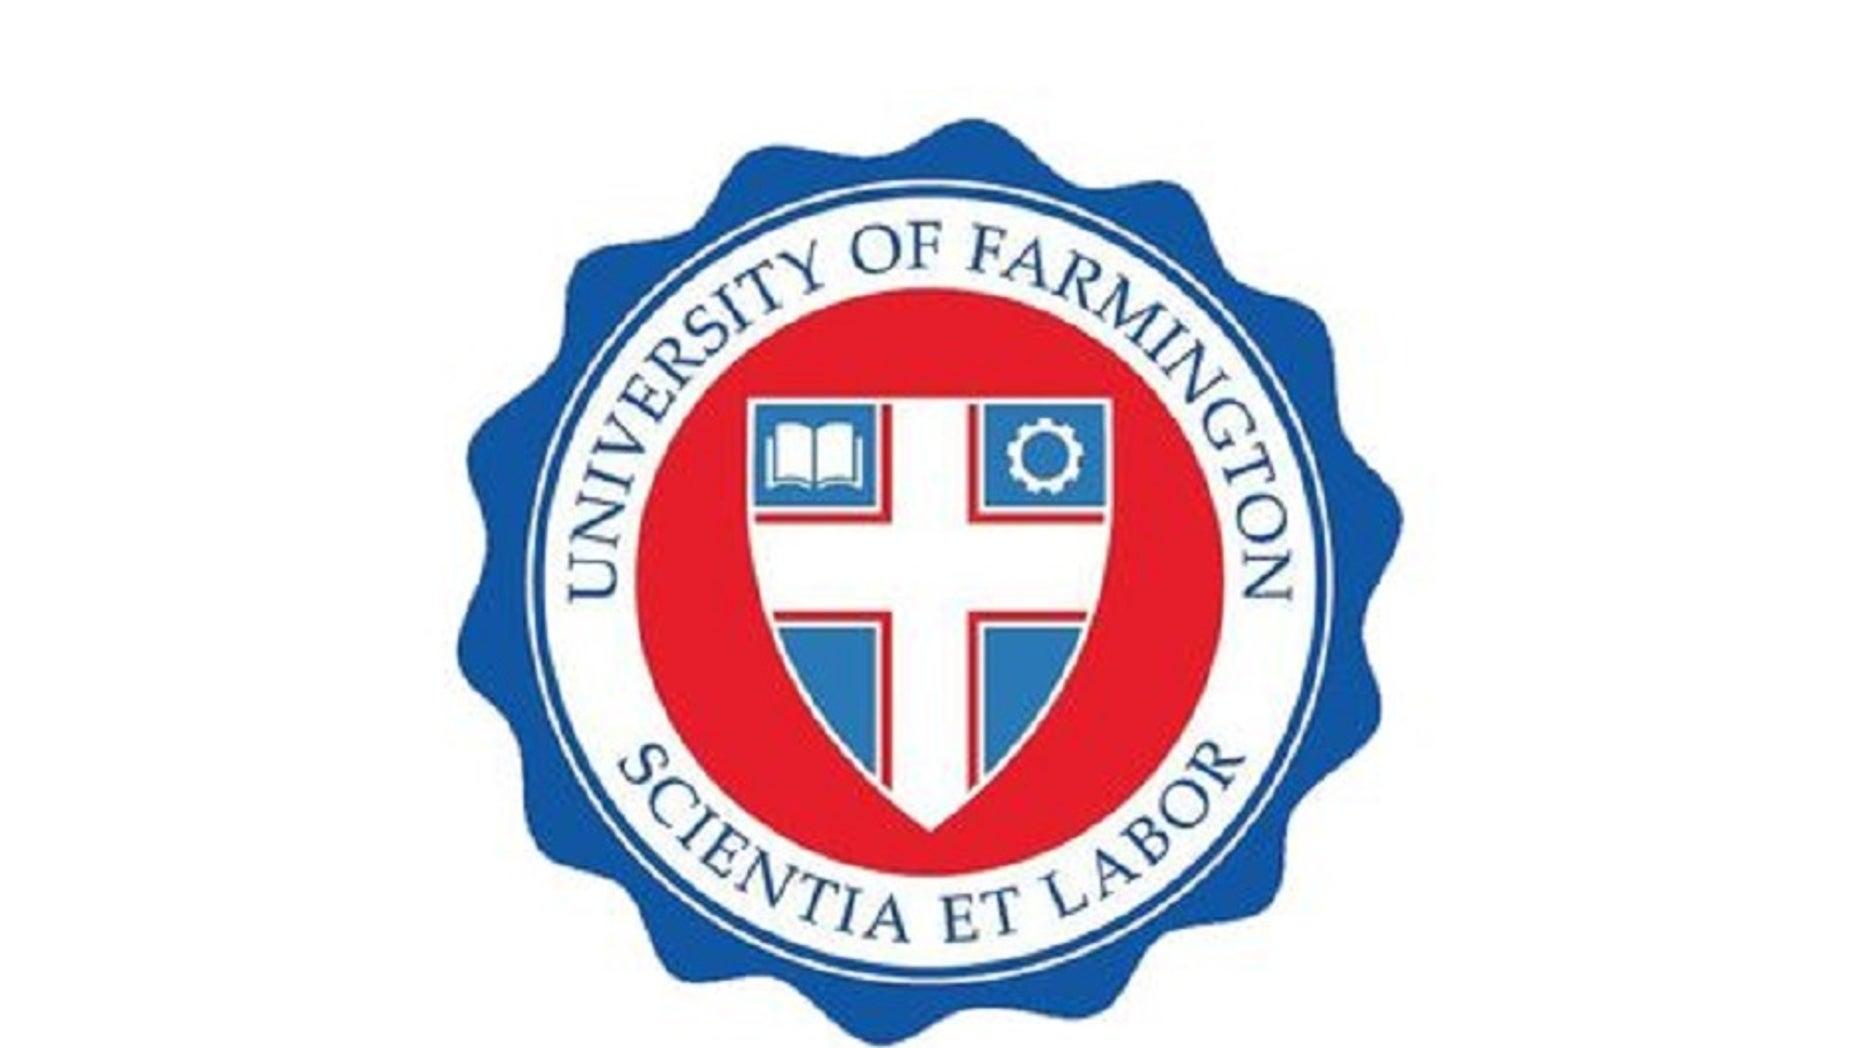 Farmington University logo Farmington Hills, Michigan.